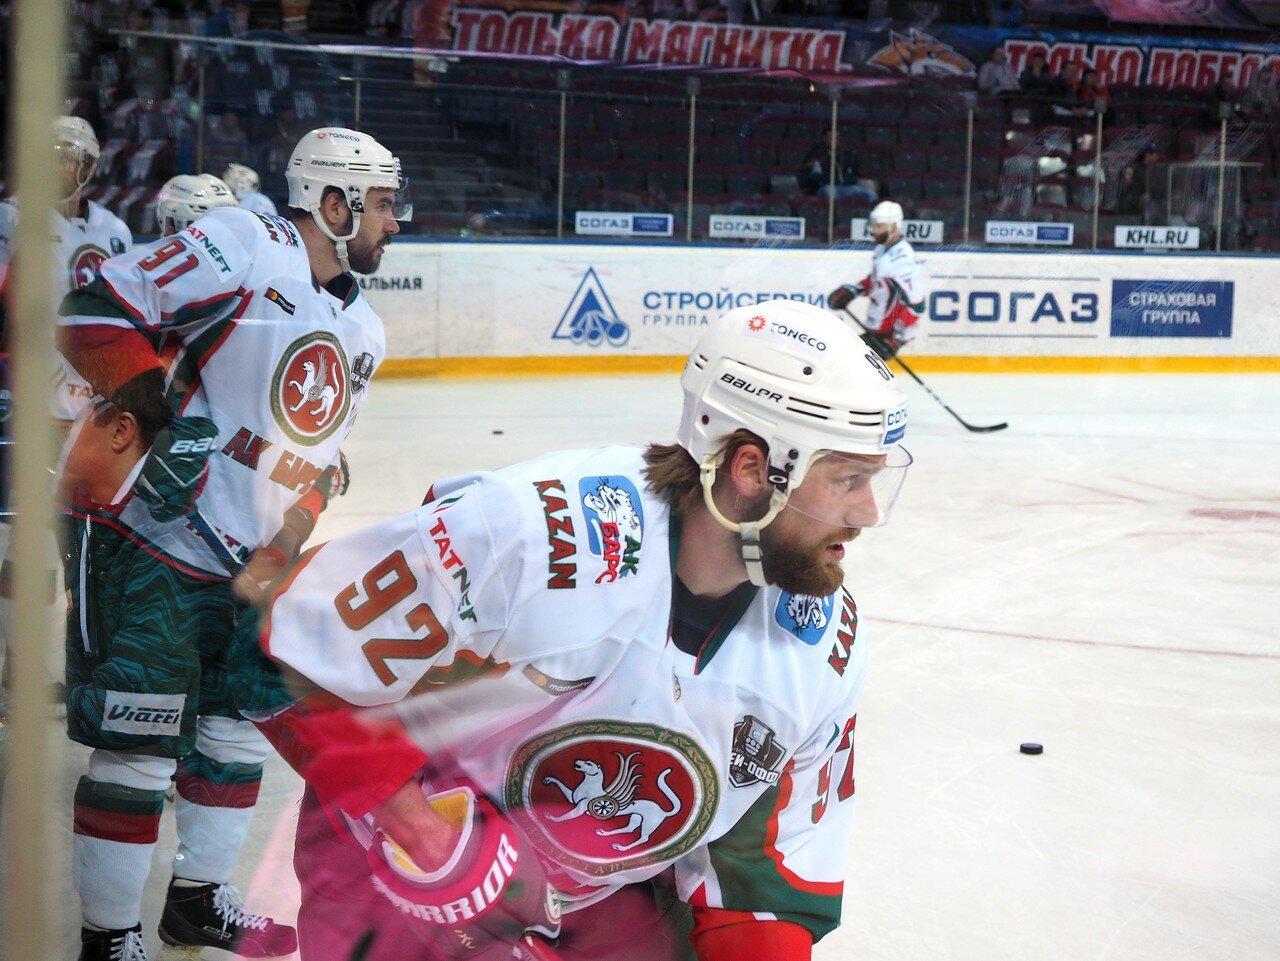 10 Первая игра финала плей-офф восточной конференции 2017 Металлург - АкБарс 24.03.2017